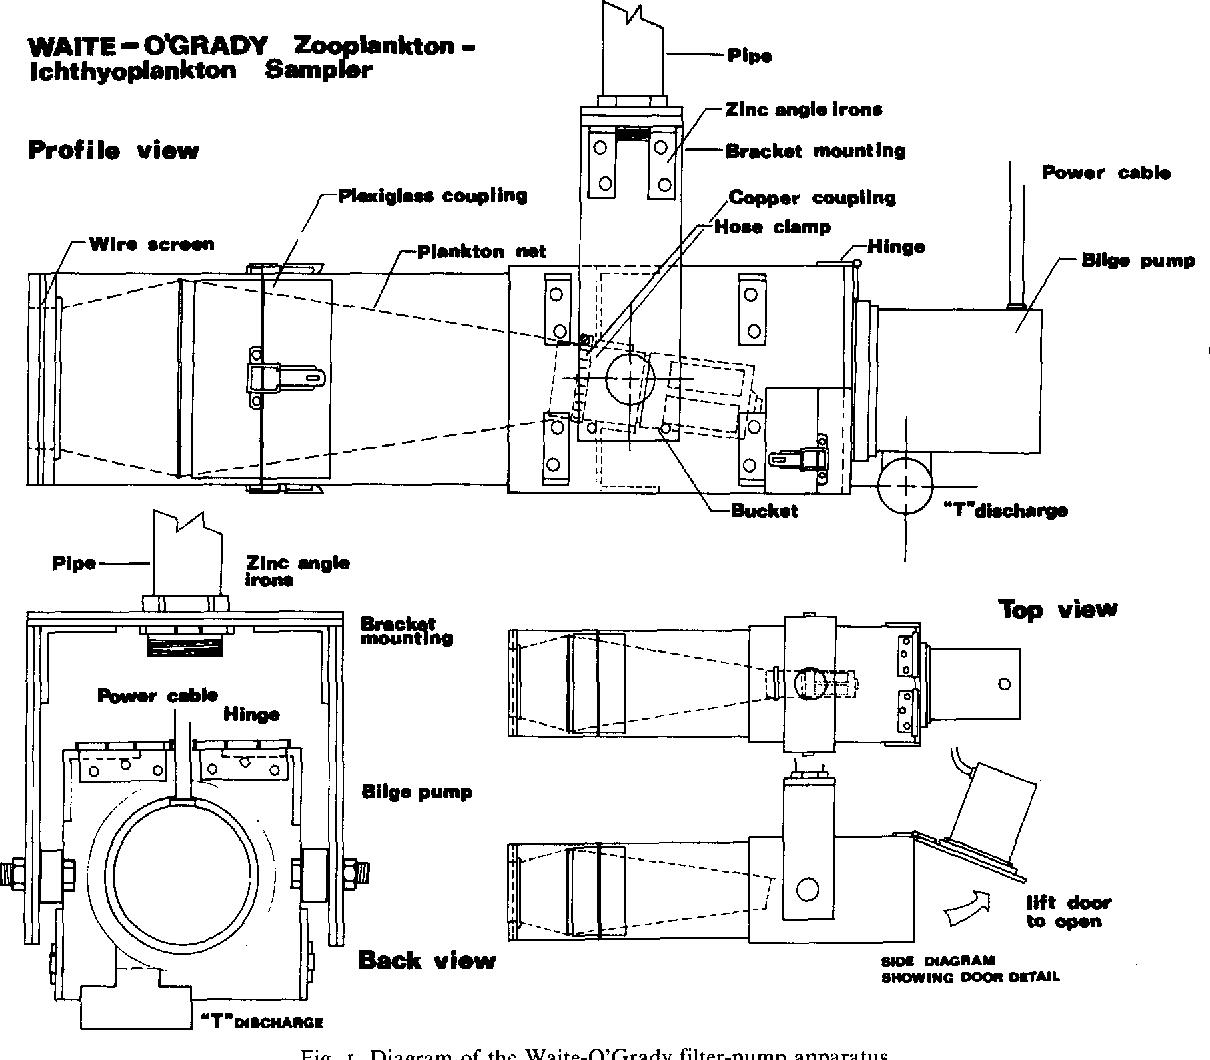 i  diagram of the waite-o'grady filter-pump apparatus